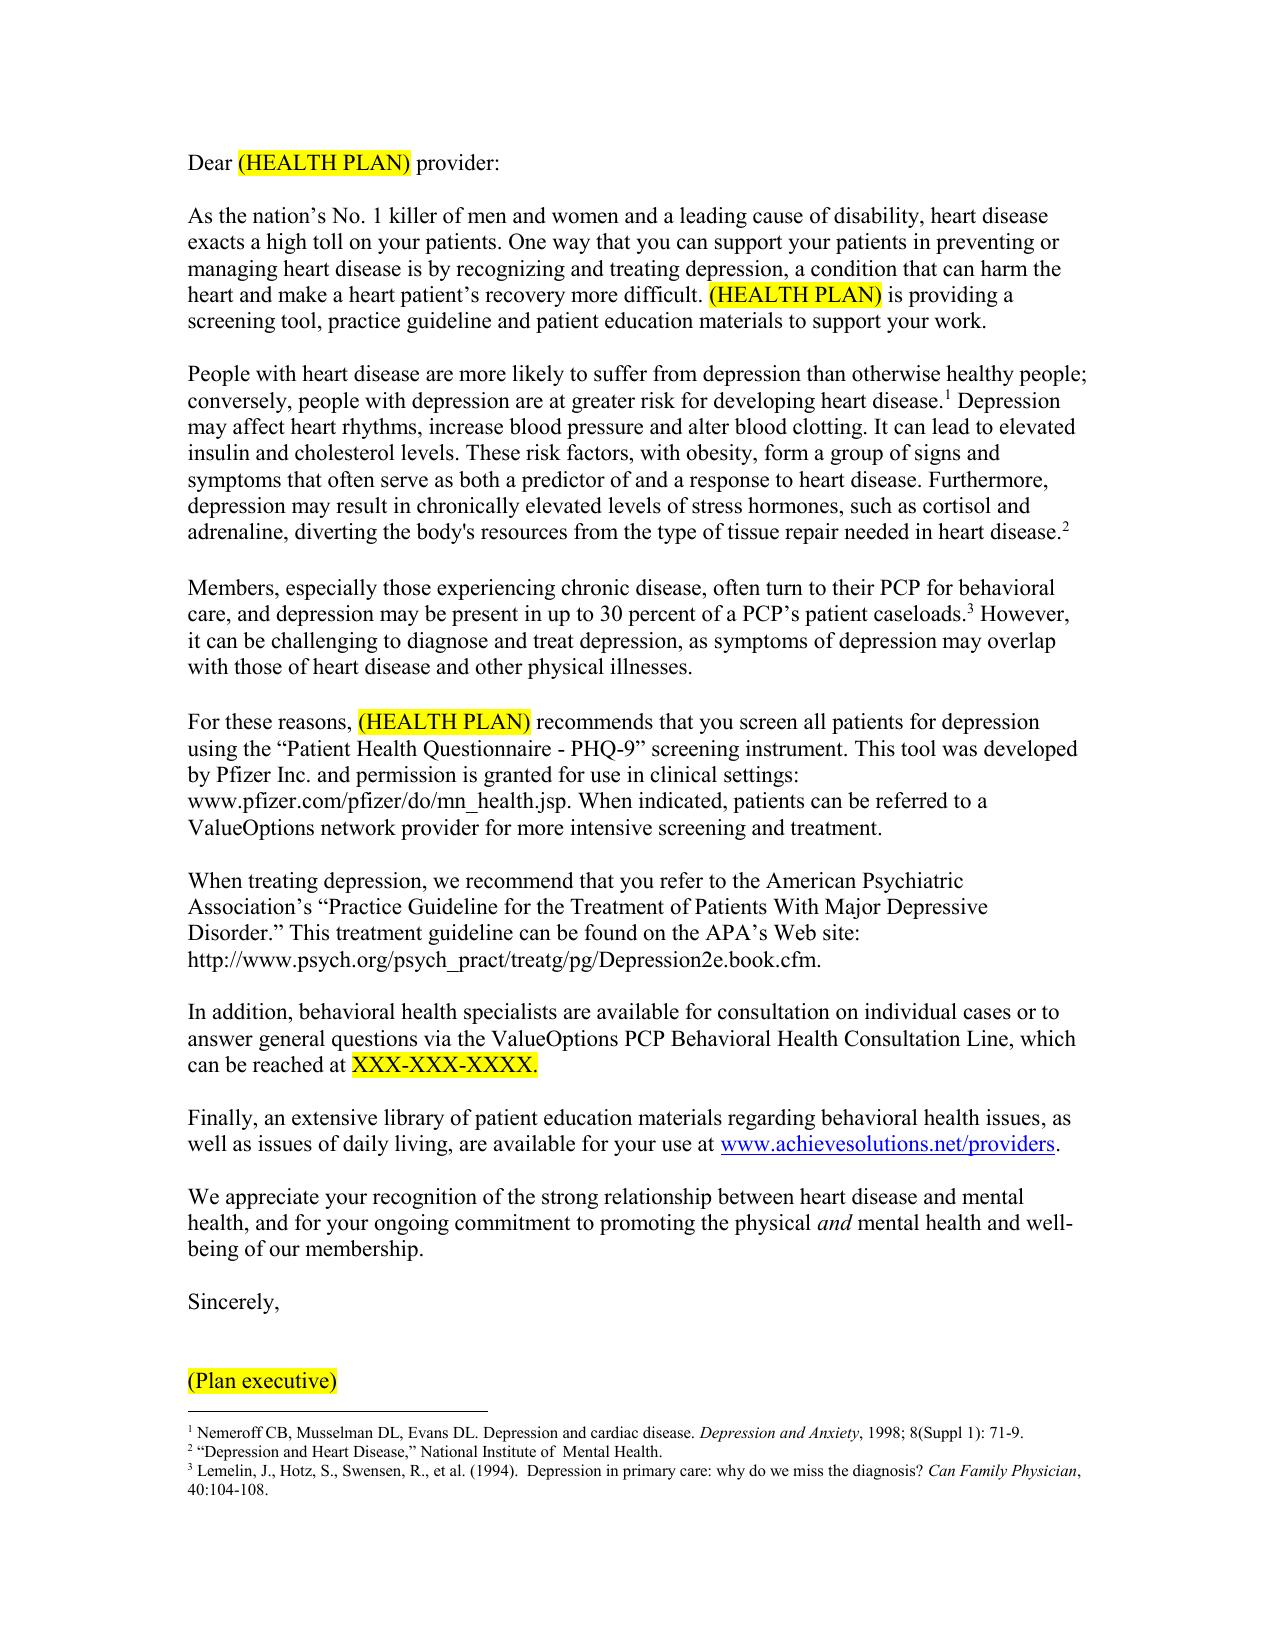 Sample Provider Letter Beacon Health Options